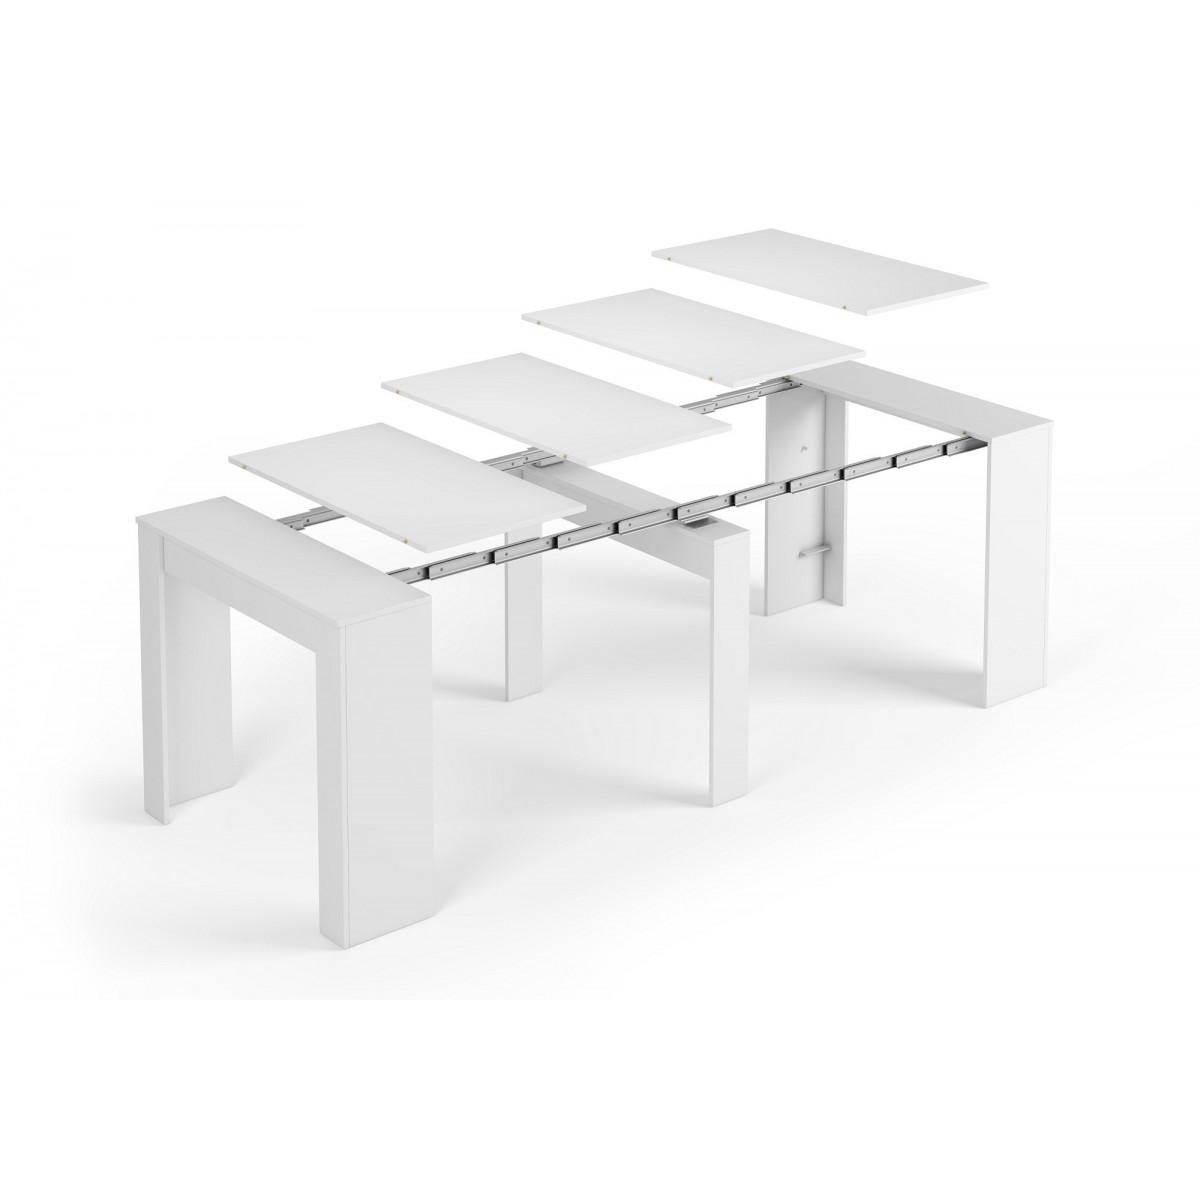 mesa comedor consola extensible 5 posiciones mubeko